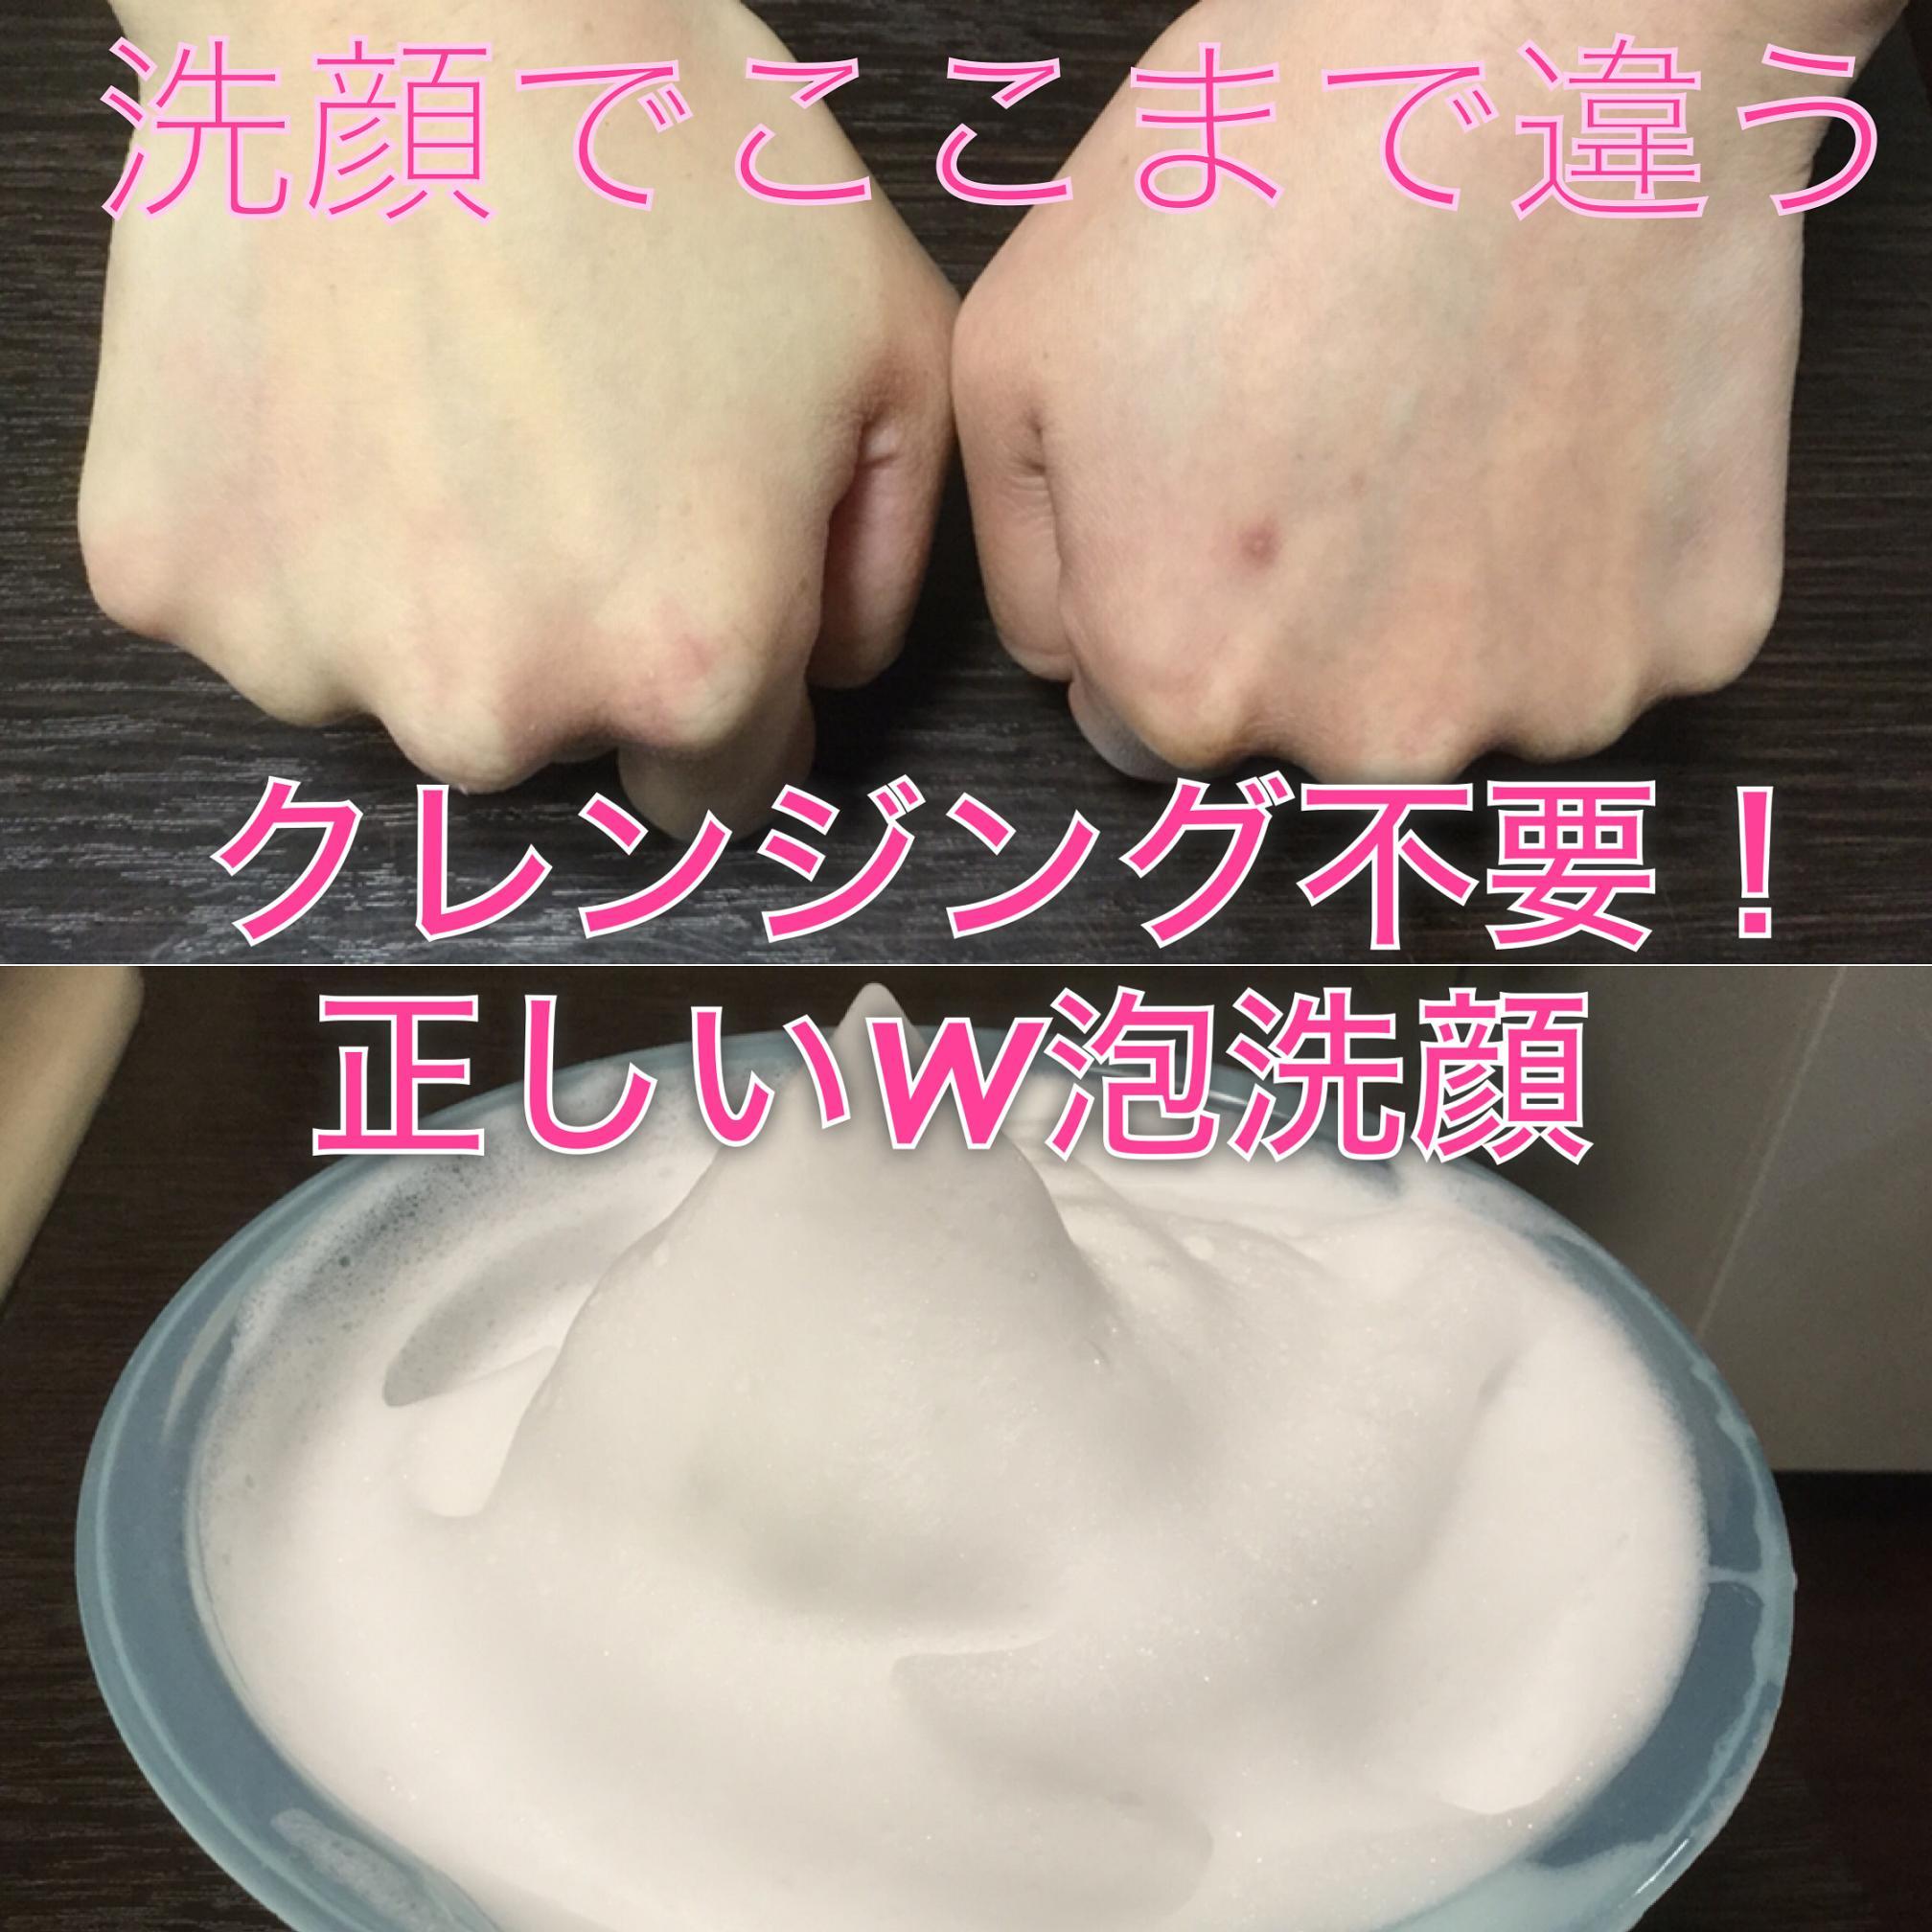 【動画】洗顔前と洗顔後…一目瞭然